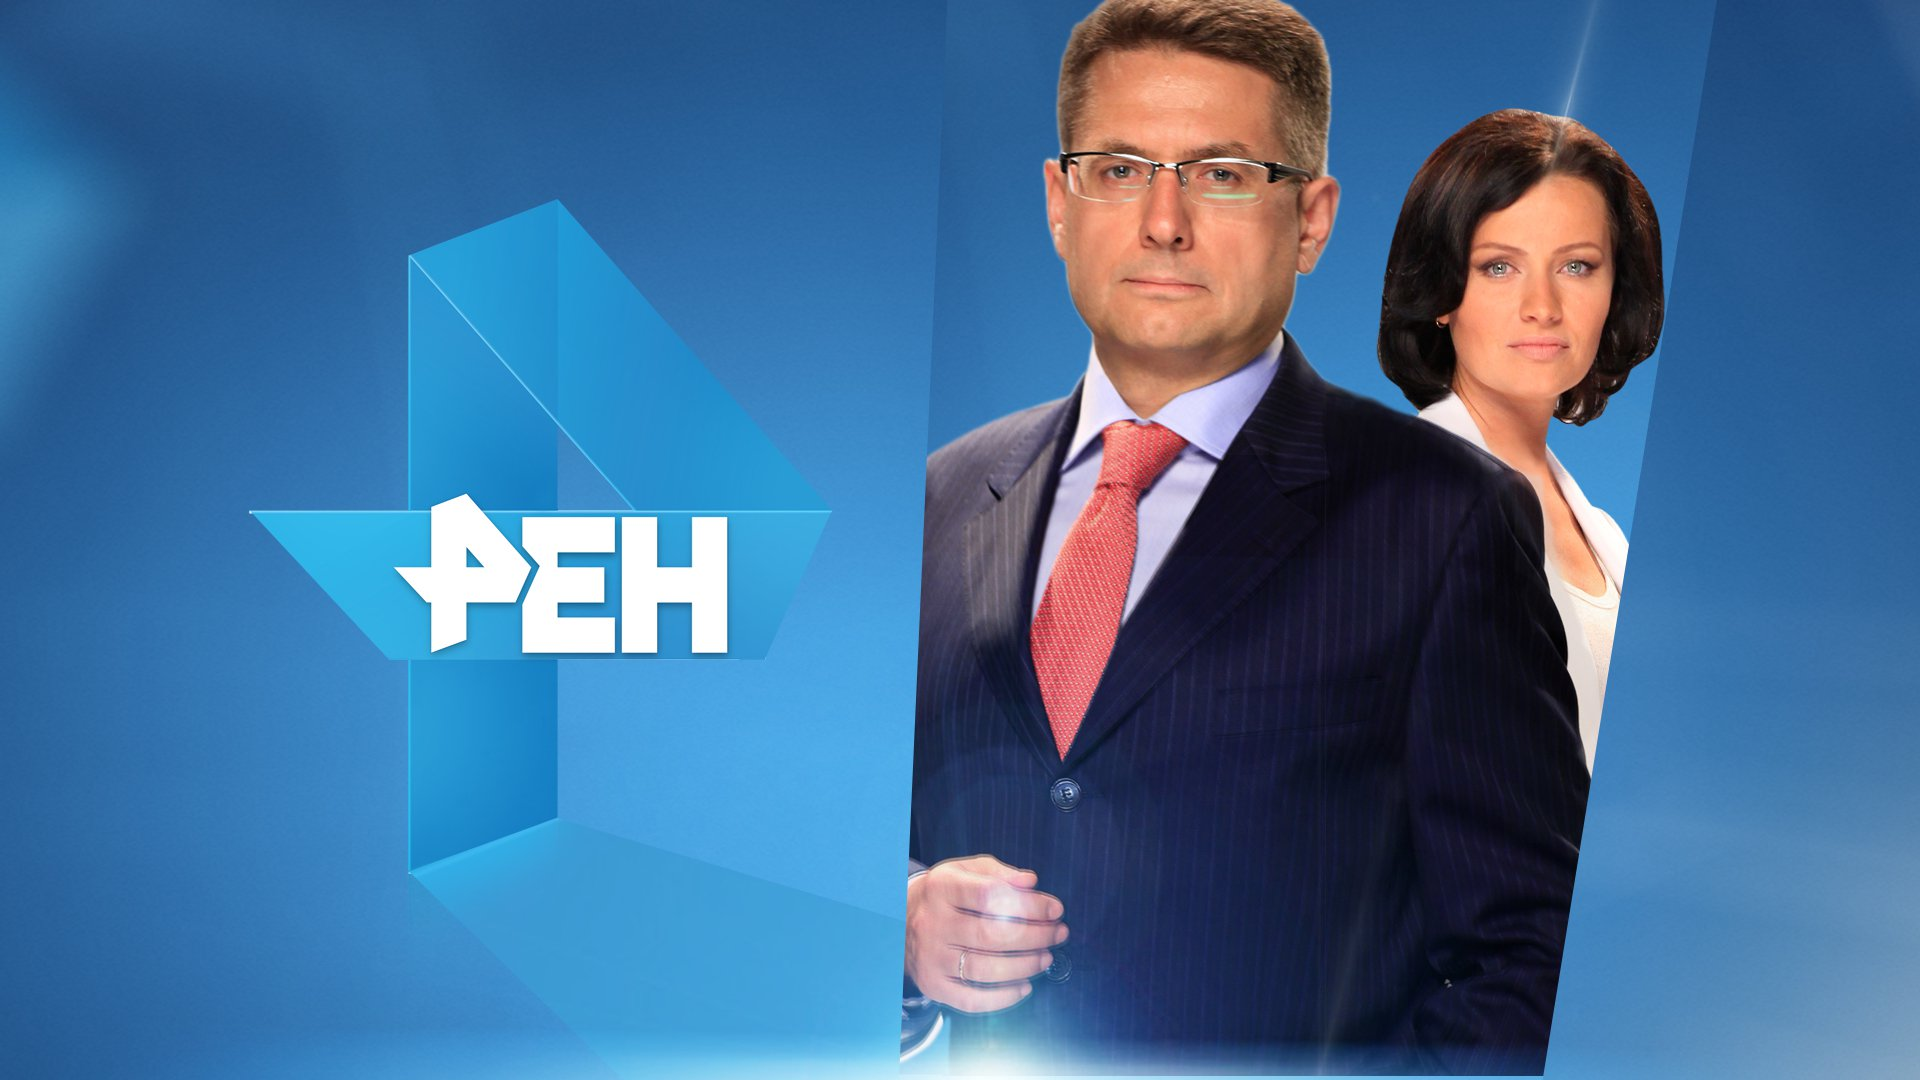 РЕН ТВ 2015